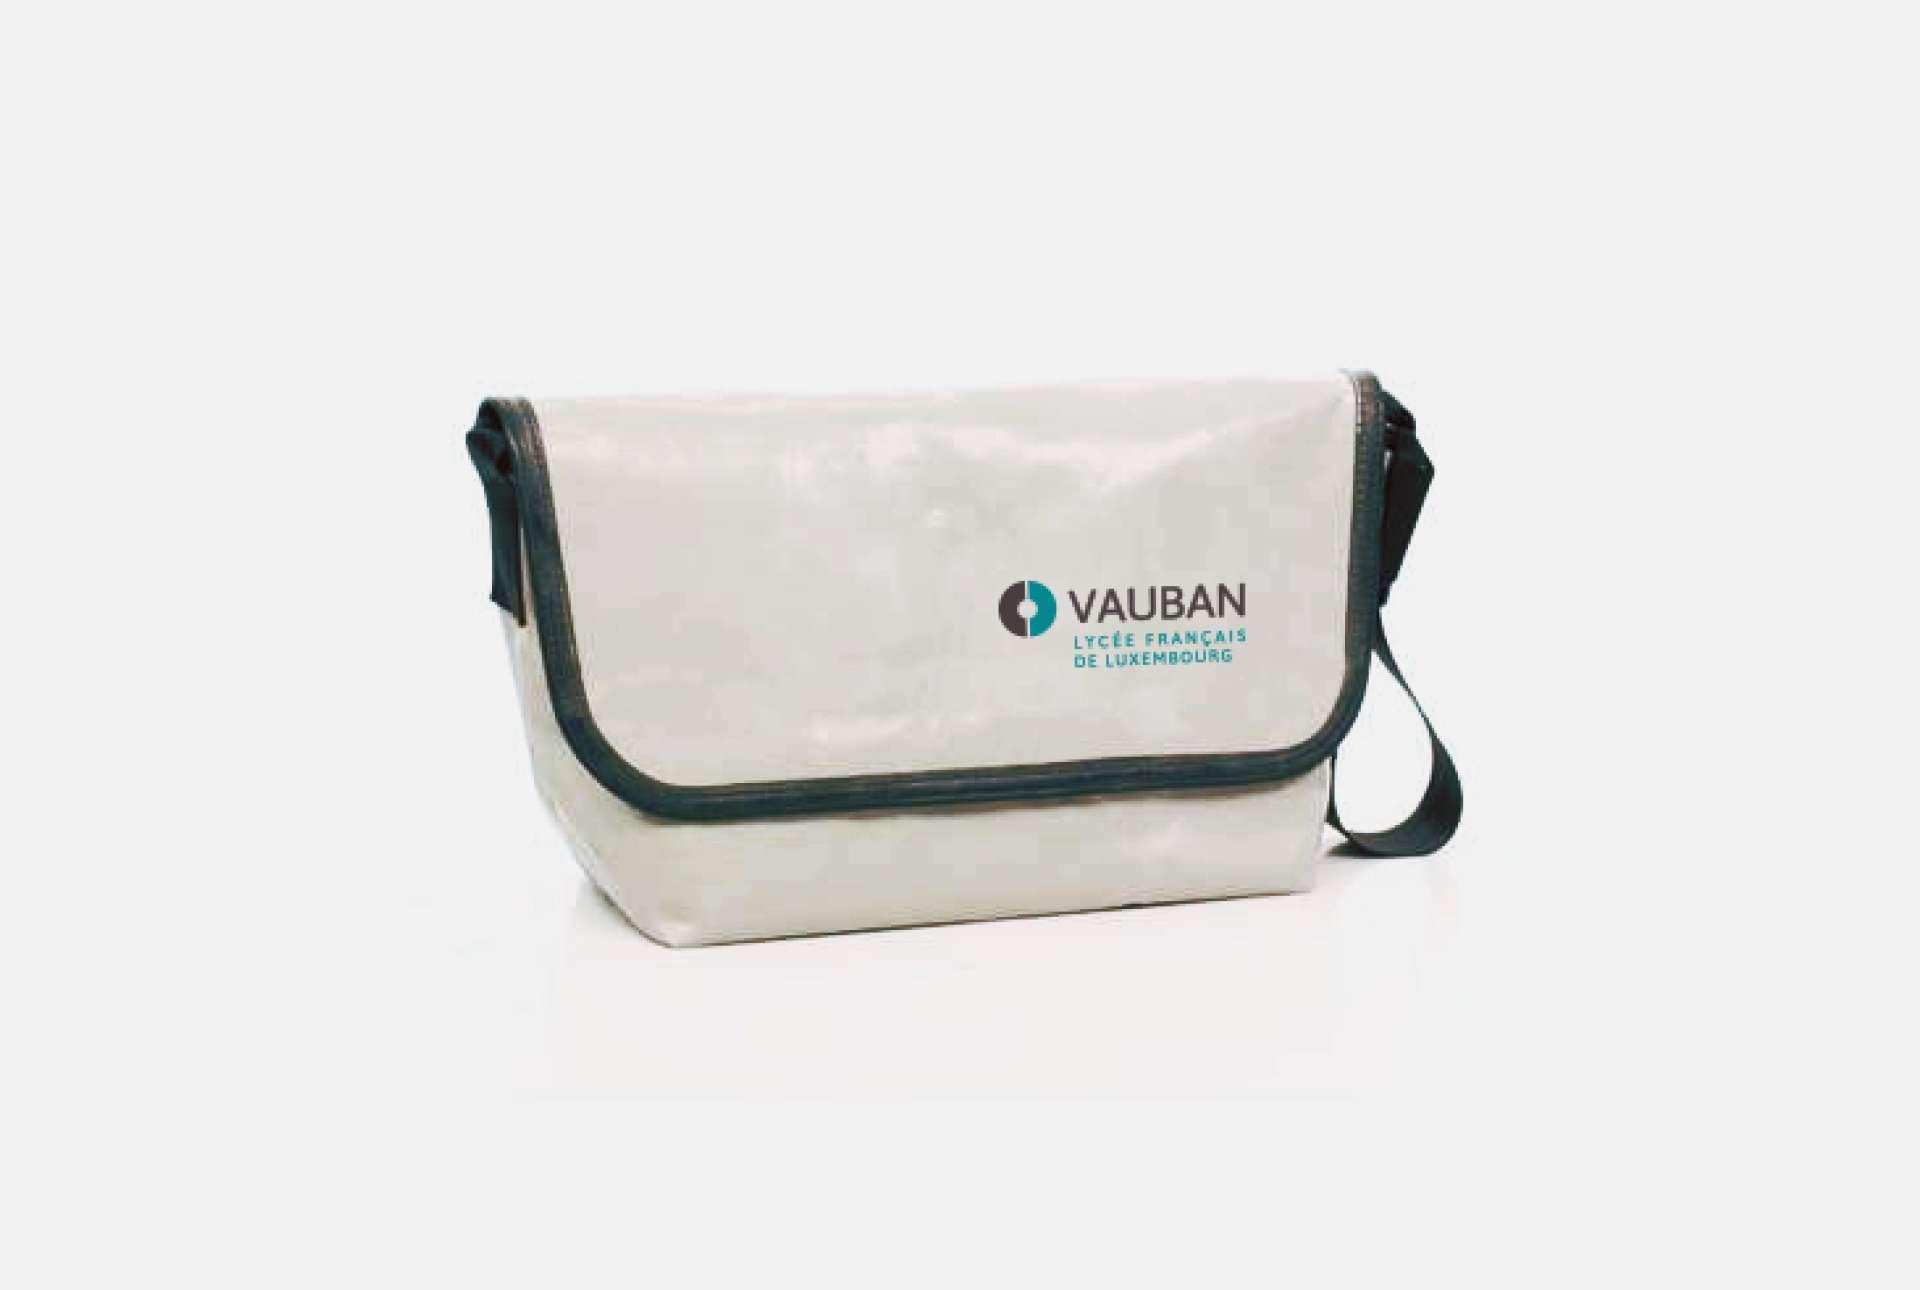 Déclinaison de l'identité visuelle de Vauban réalisée par Comed sur des sacs promotionnels